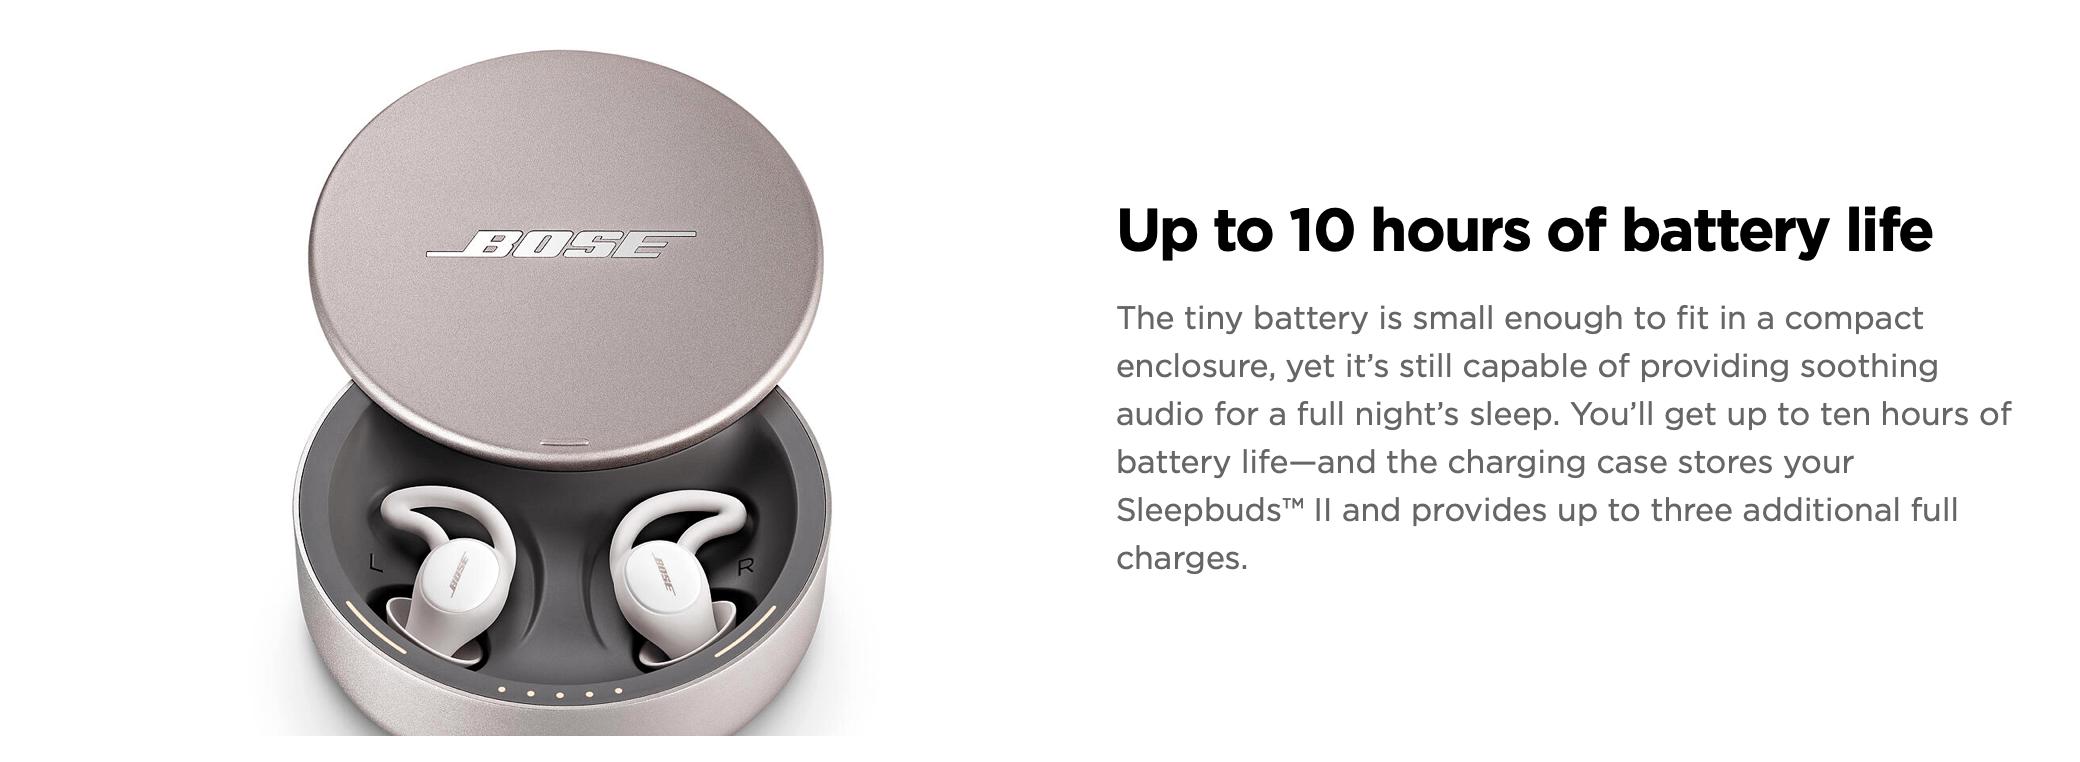 (NEW) Bose Sleepbuds™ II